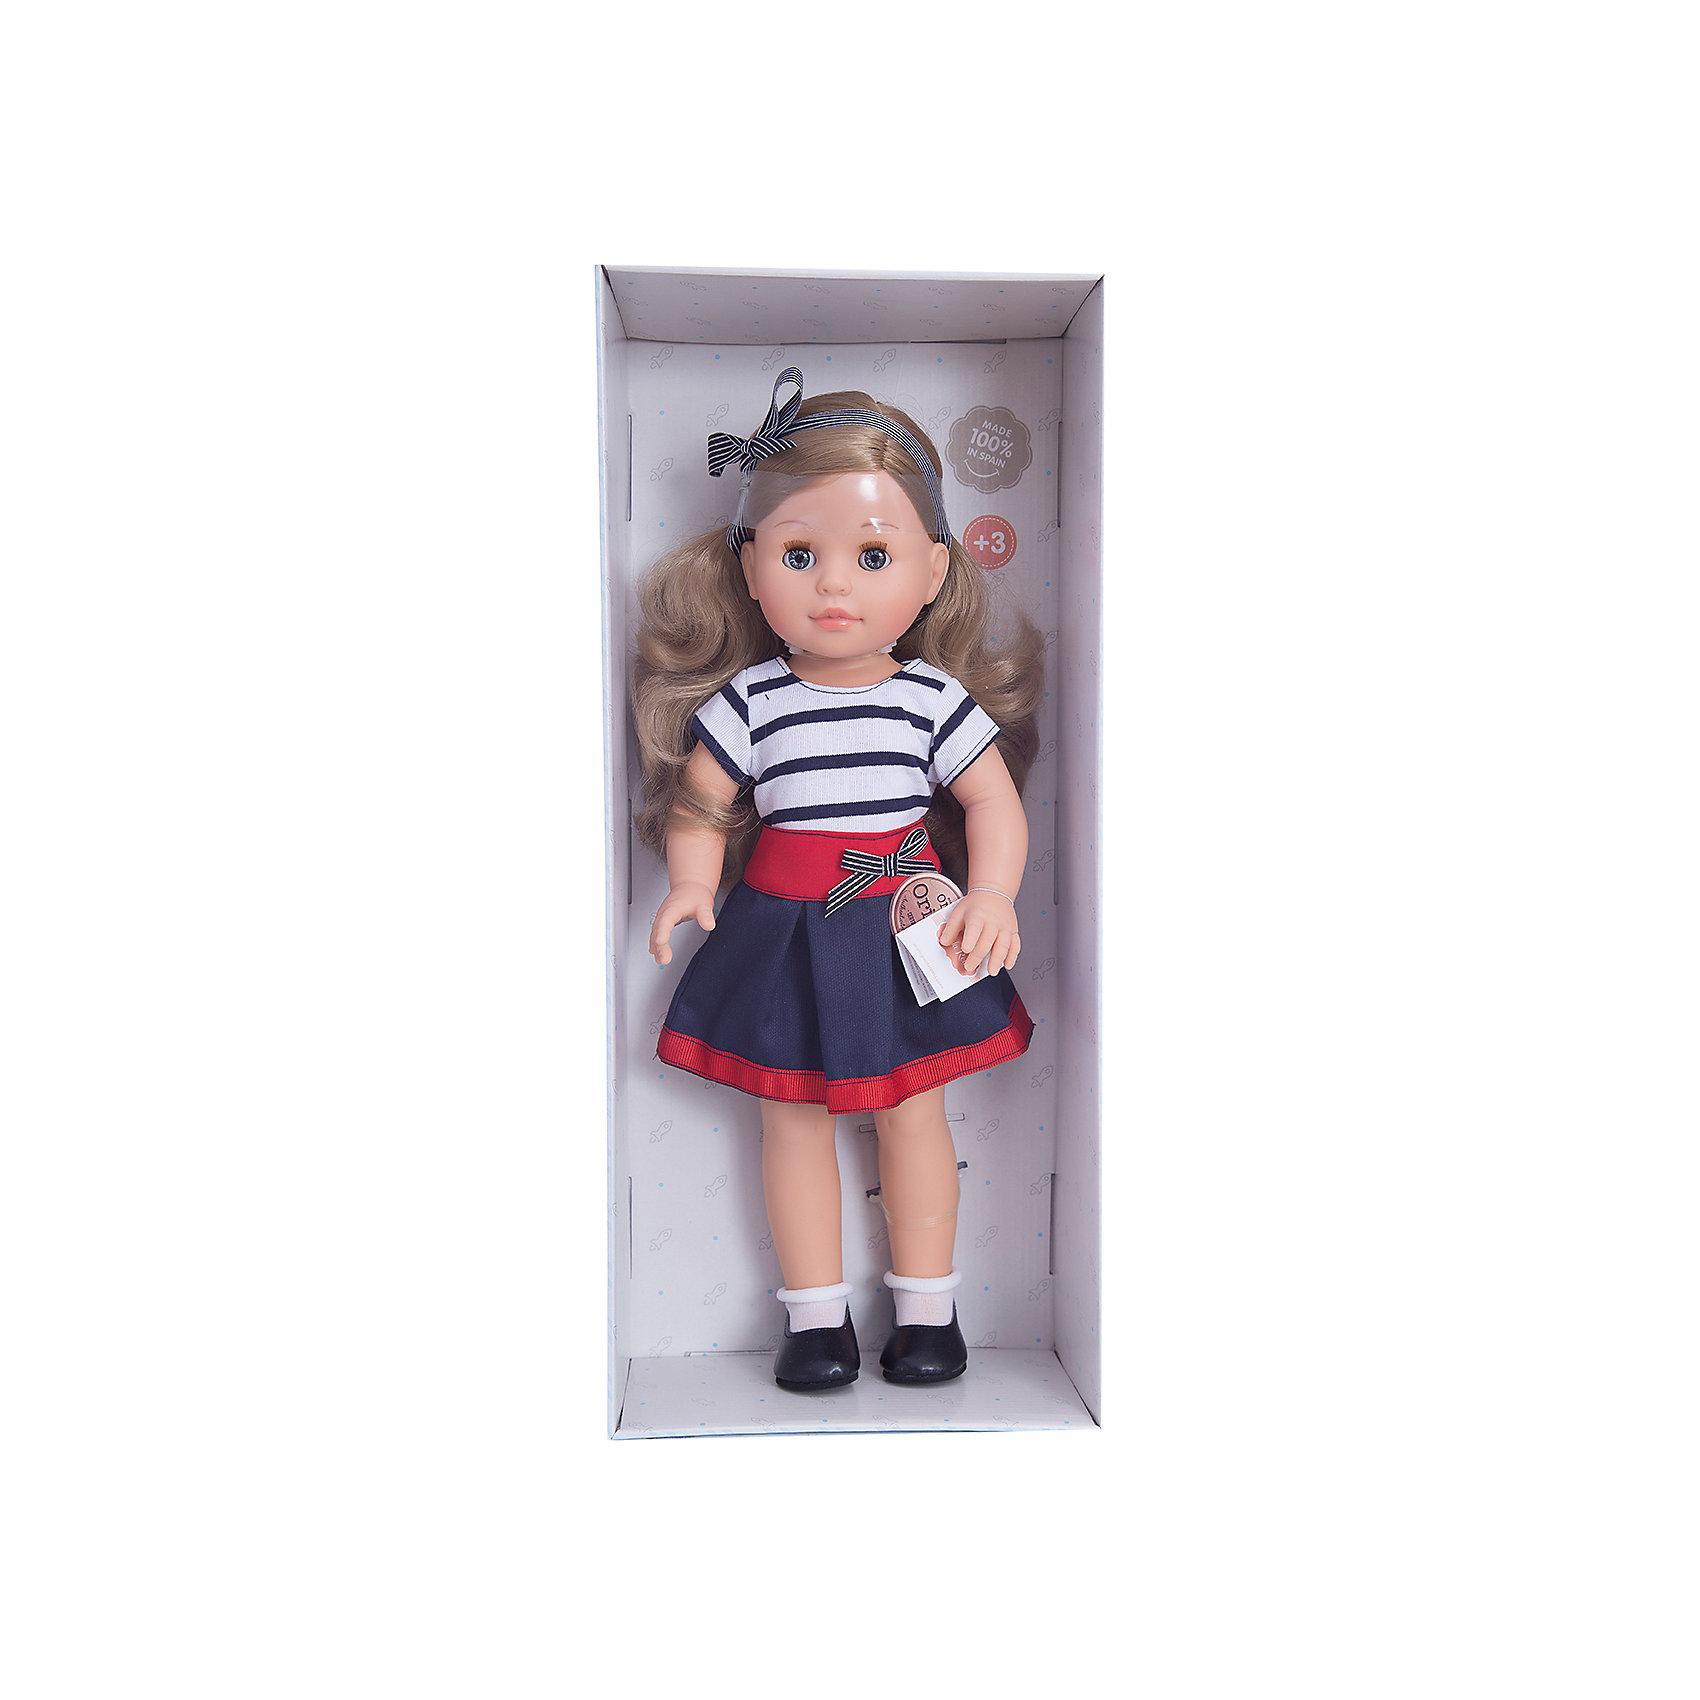 Кукла Эмма, 42 см, Paola ReinaКлассические куклы<br>Кукла изготовлена из винила; глаза выполнены в виде кристалла из прозрачного твердого пластика; волосы сделаны из высококачественного нейлона.<br><br>Ширина мм: 250<br>Глубина мм: 120<br>Высота мм: 500<br>Вес г: 1333<br>Возраст от месяцев: 36<br>Возраст до месяцев: 144<br>Пол: Женский<br>Возраст: Детский<br>SKU: 4966356